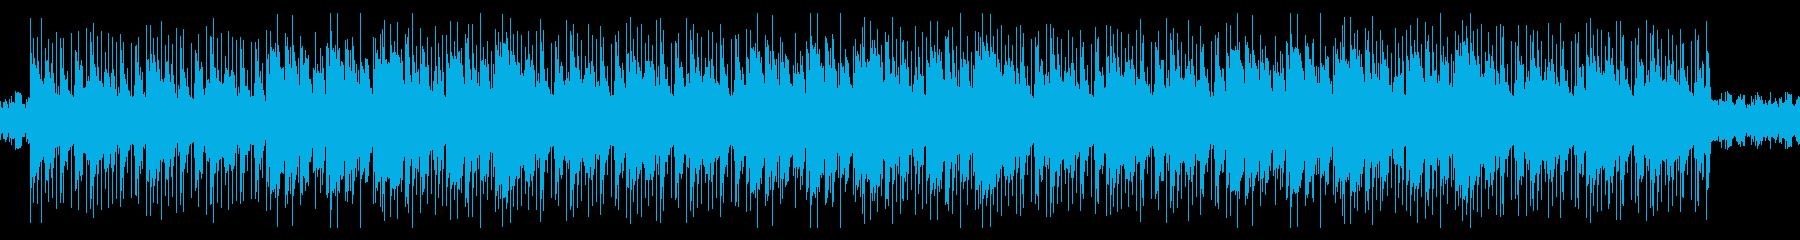 はじまりを予感させるピアノ曲の再生済みの波形